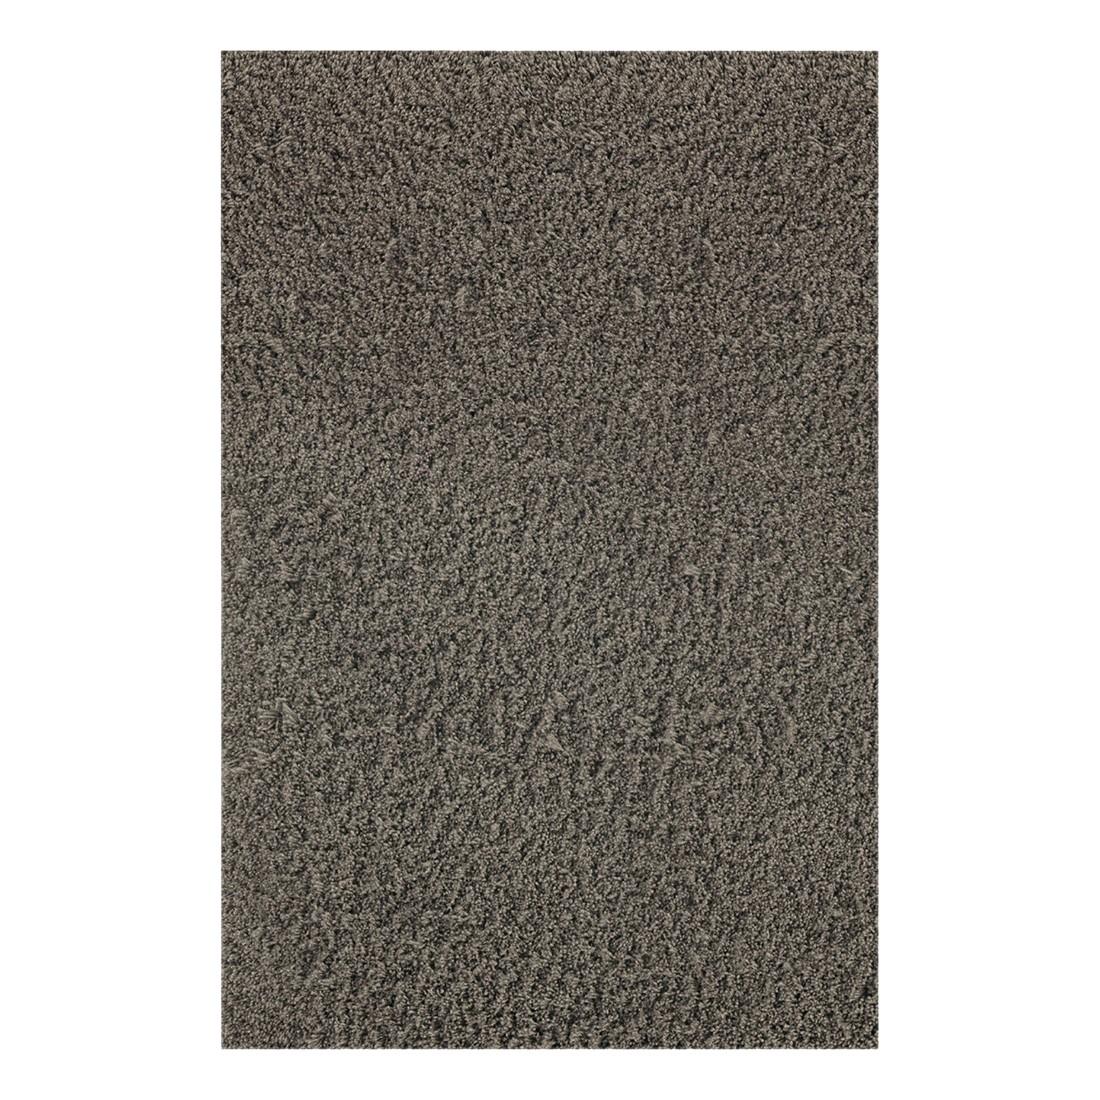 Teppich Livorno – Taupe – 70 x 140 cm, Astra günstig kaufen